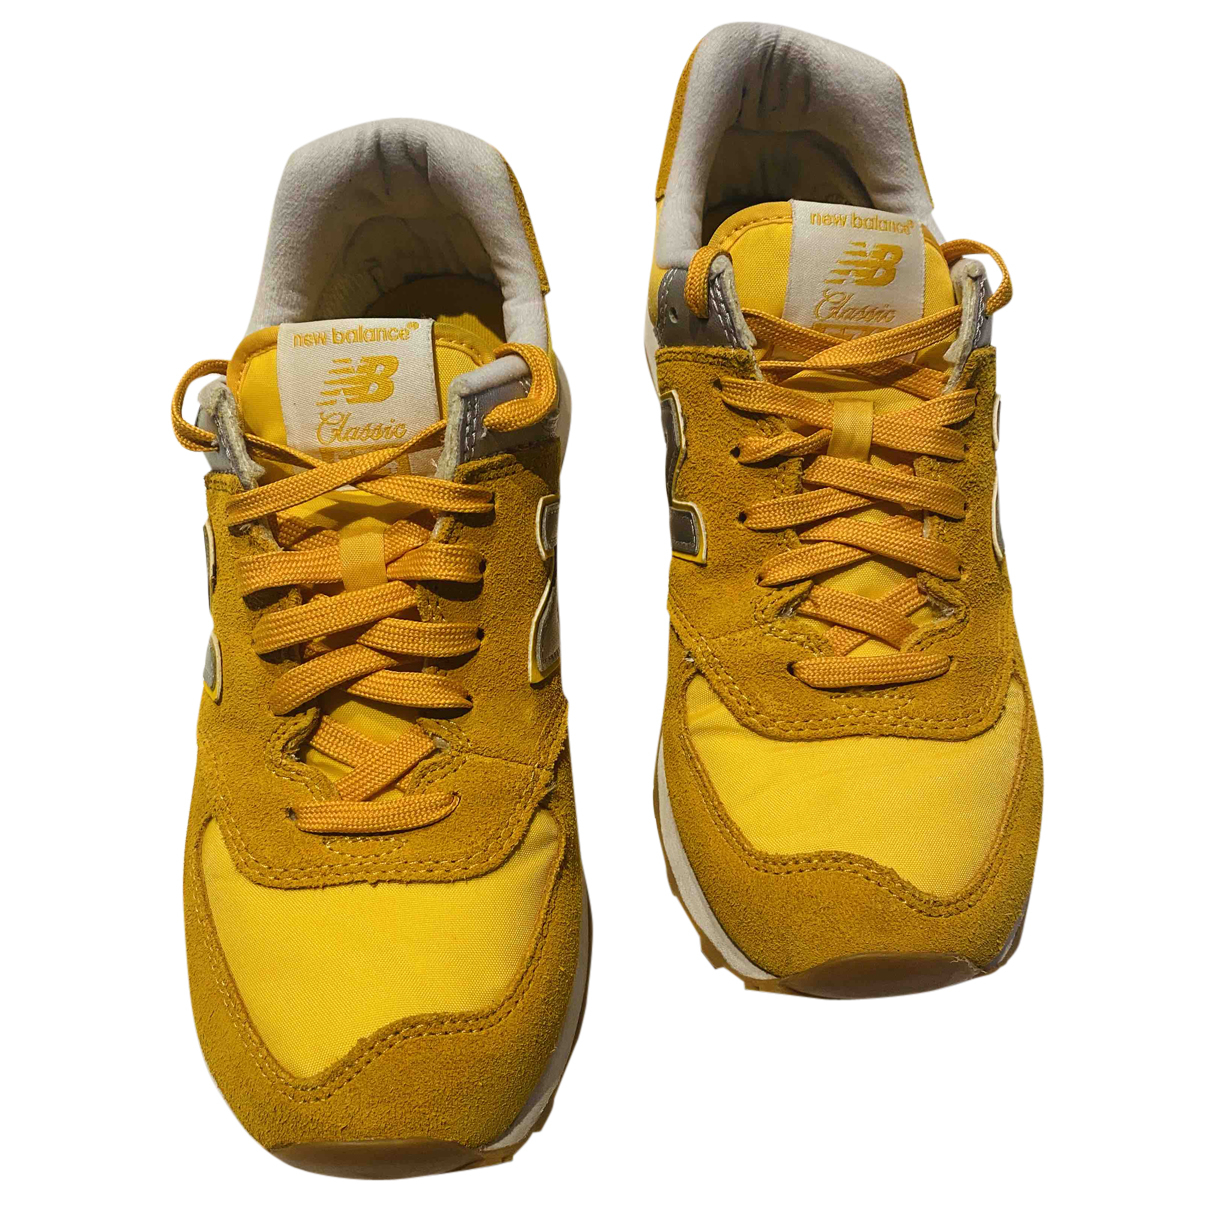 New Balance - Baskets   pour homme en cuir - jaune